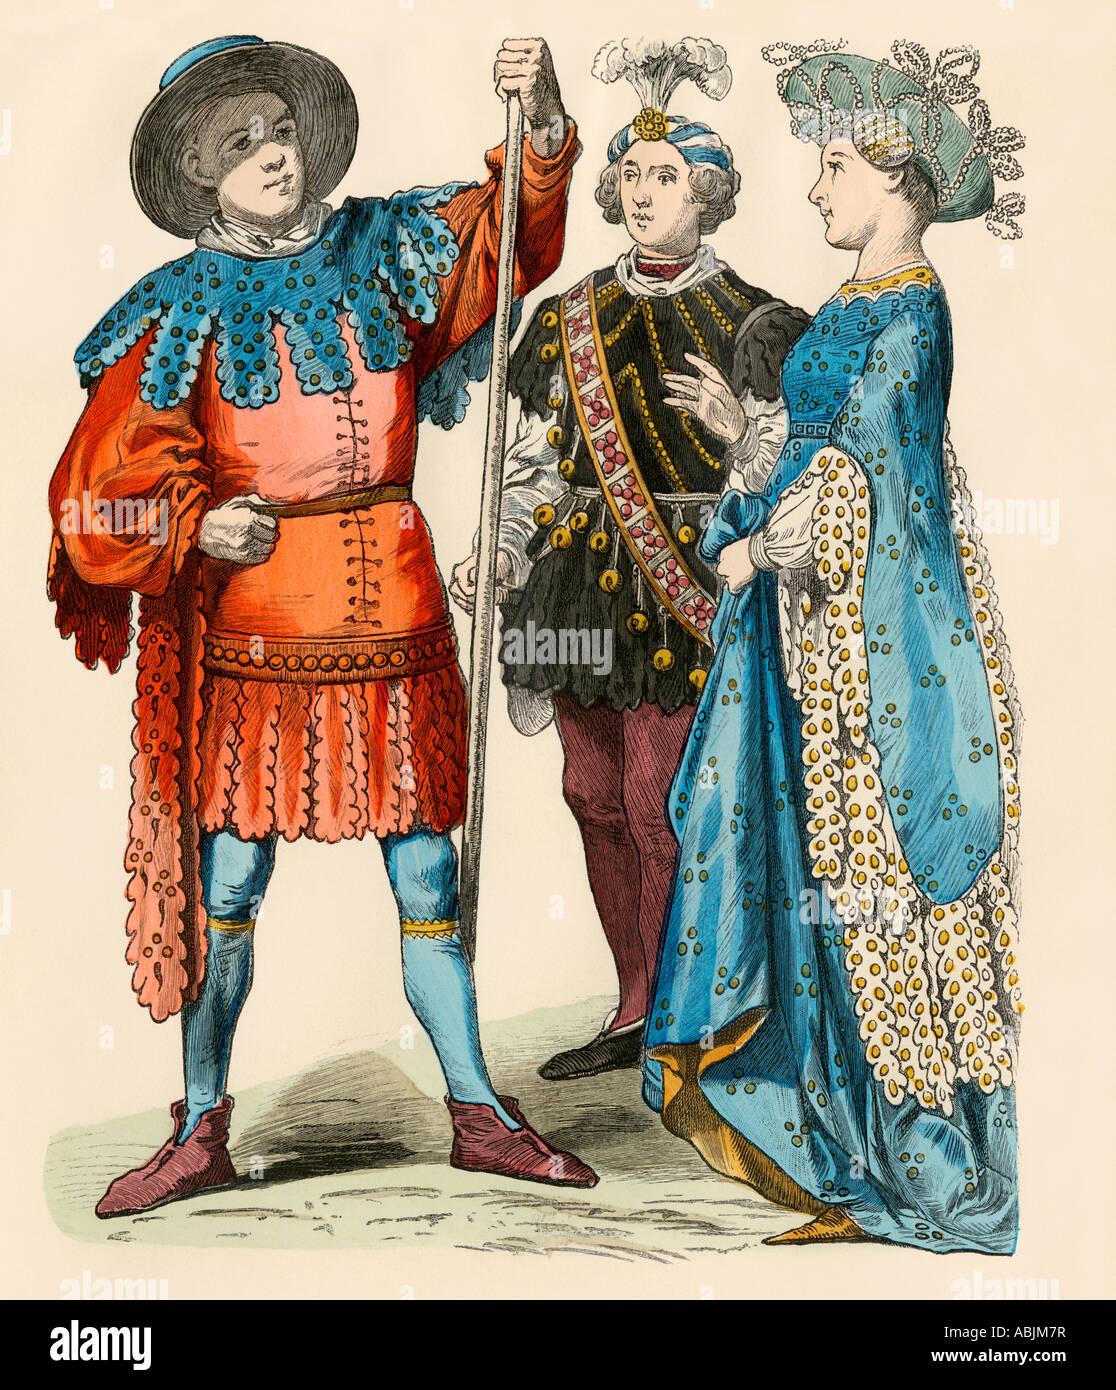 La moda alemana del Renacimiento alrededor de 1499. Mano de color imprimir Imagen De Stock